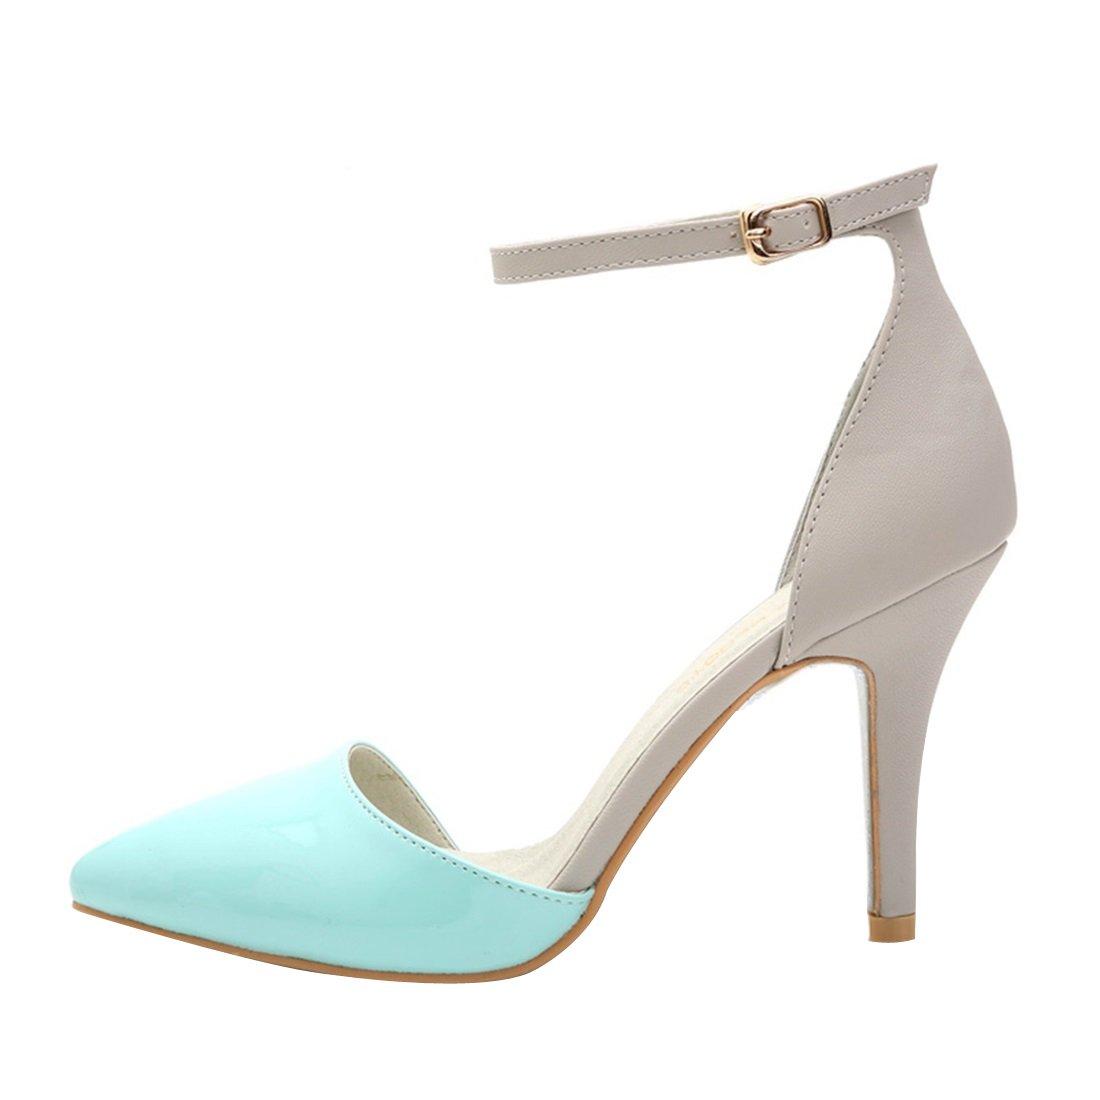 HooH Women's Patent Leather Ankle Strap D'Orsay Sandals Stiletto EU/5.5 Pumps 36 EU/5.5 Stiletto US Blue B013OWQG94 6e3d40